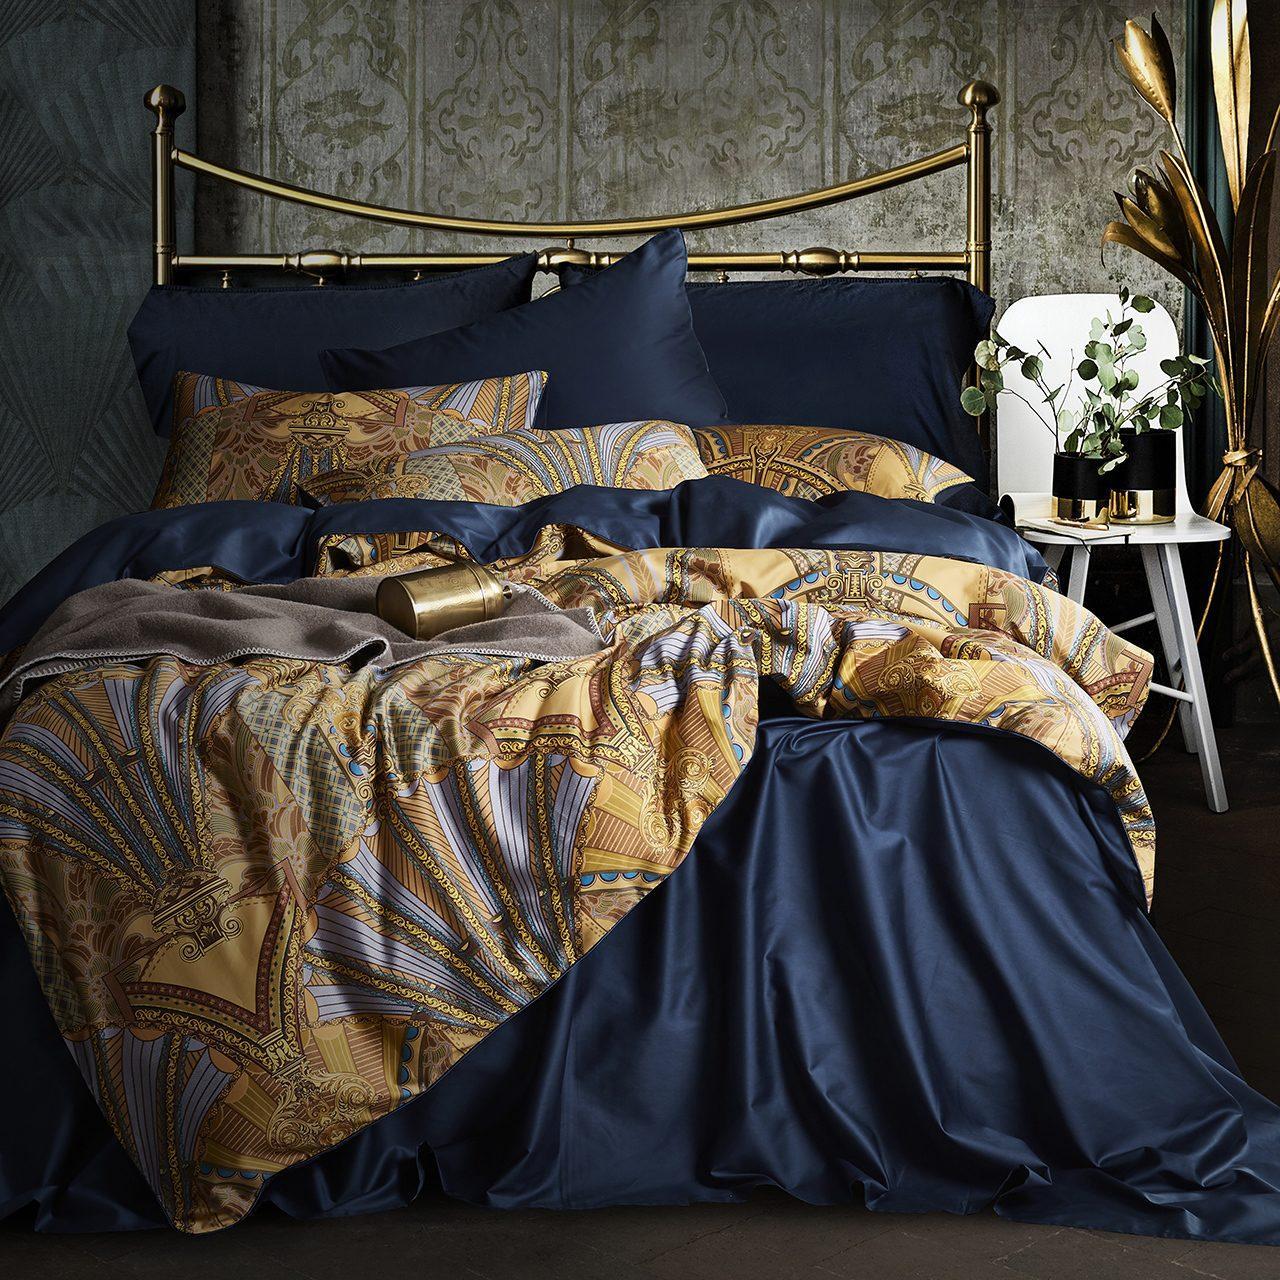 Комплект постельного белья Сатин Премиум - фото 1